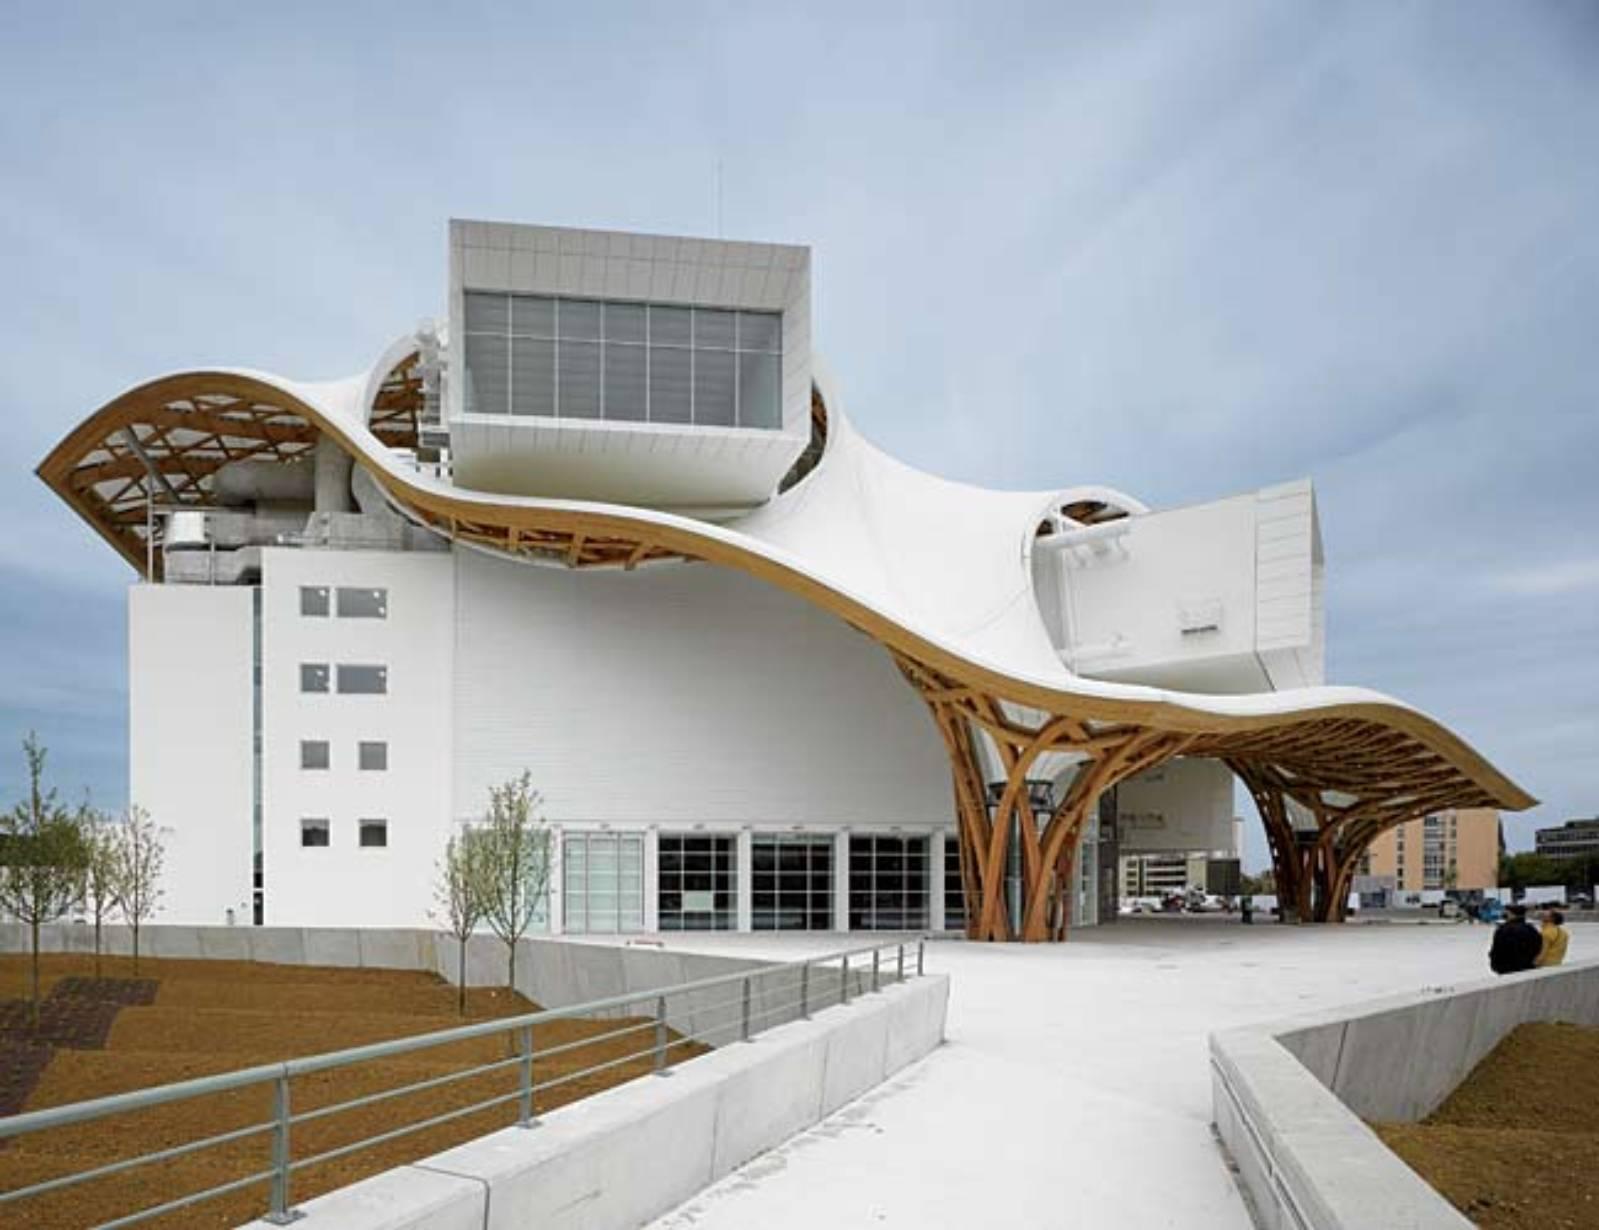 Shigeru ban ed il pritzker architecture prize 2014 leganerd for Architecture ephemere shigeru ban